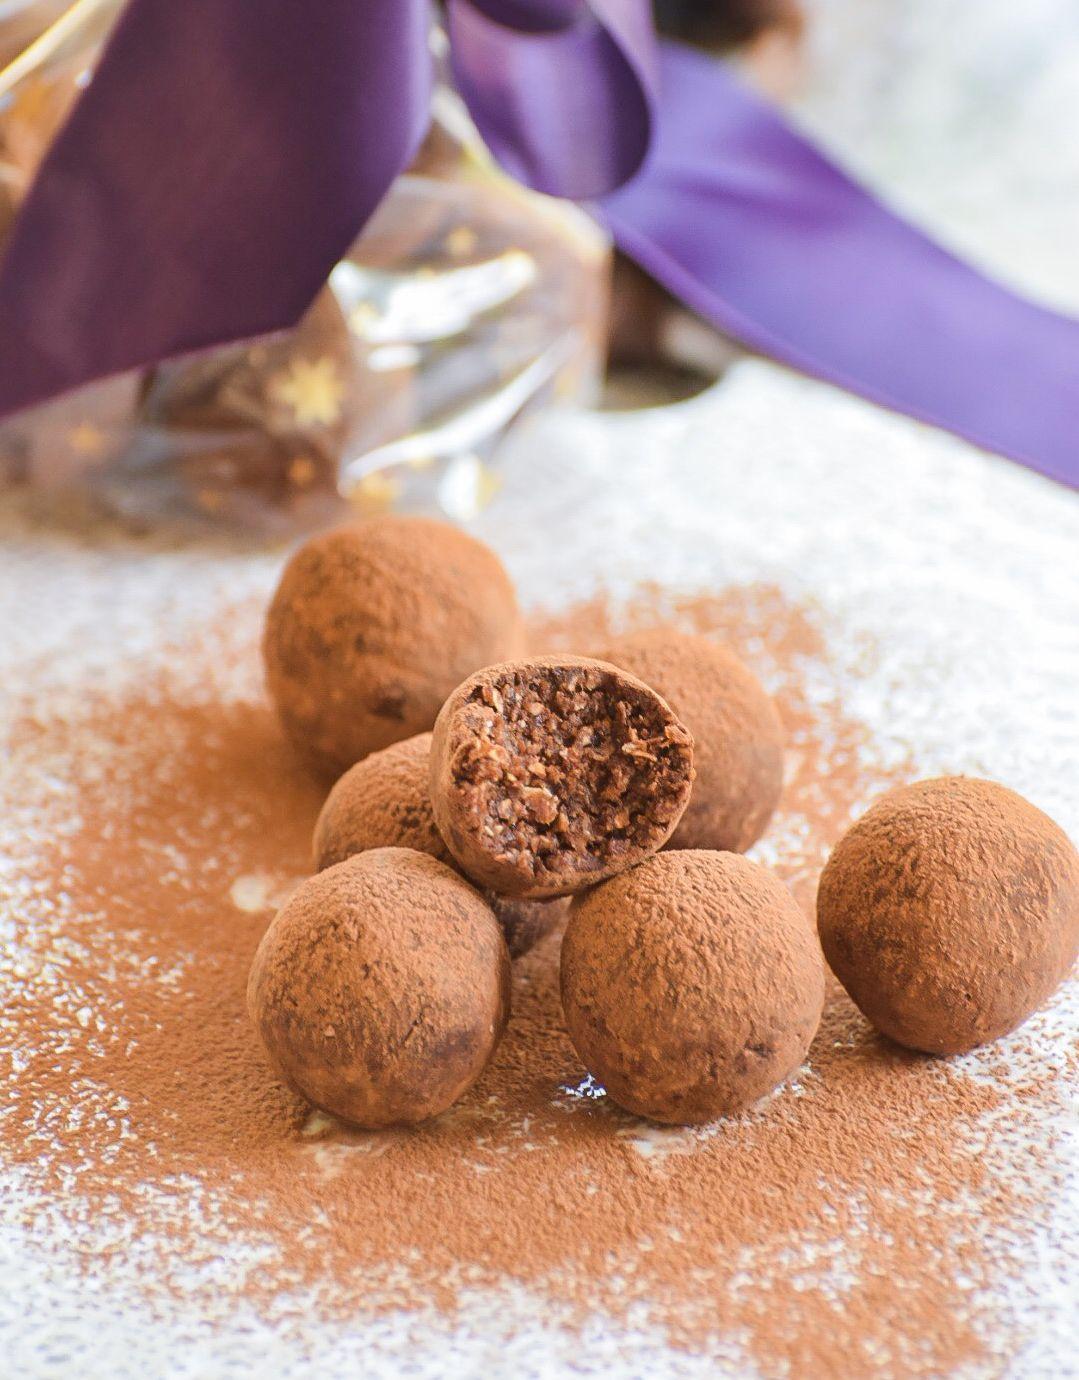 Hazelnut Date Chocolate Truffles